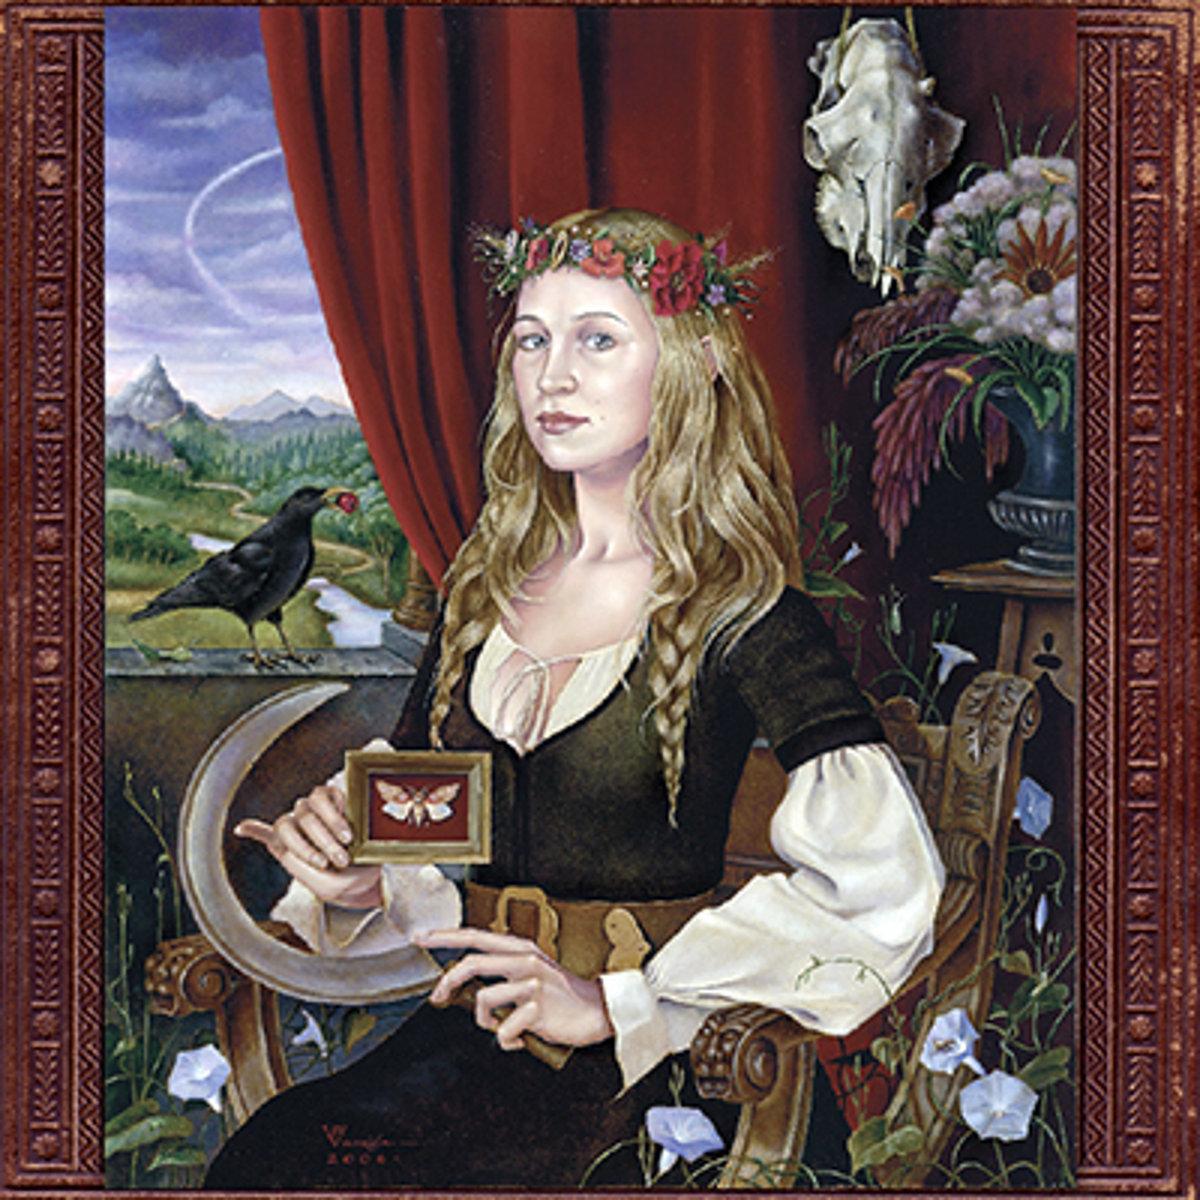 Joanna Newsom, Ys